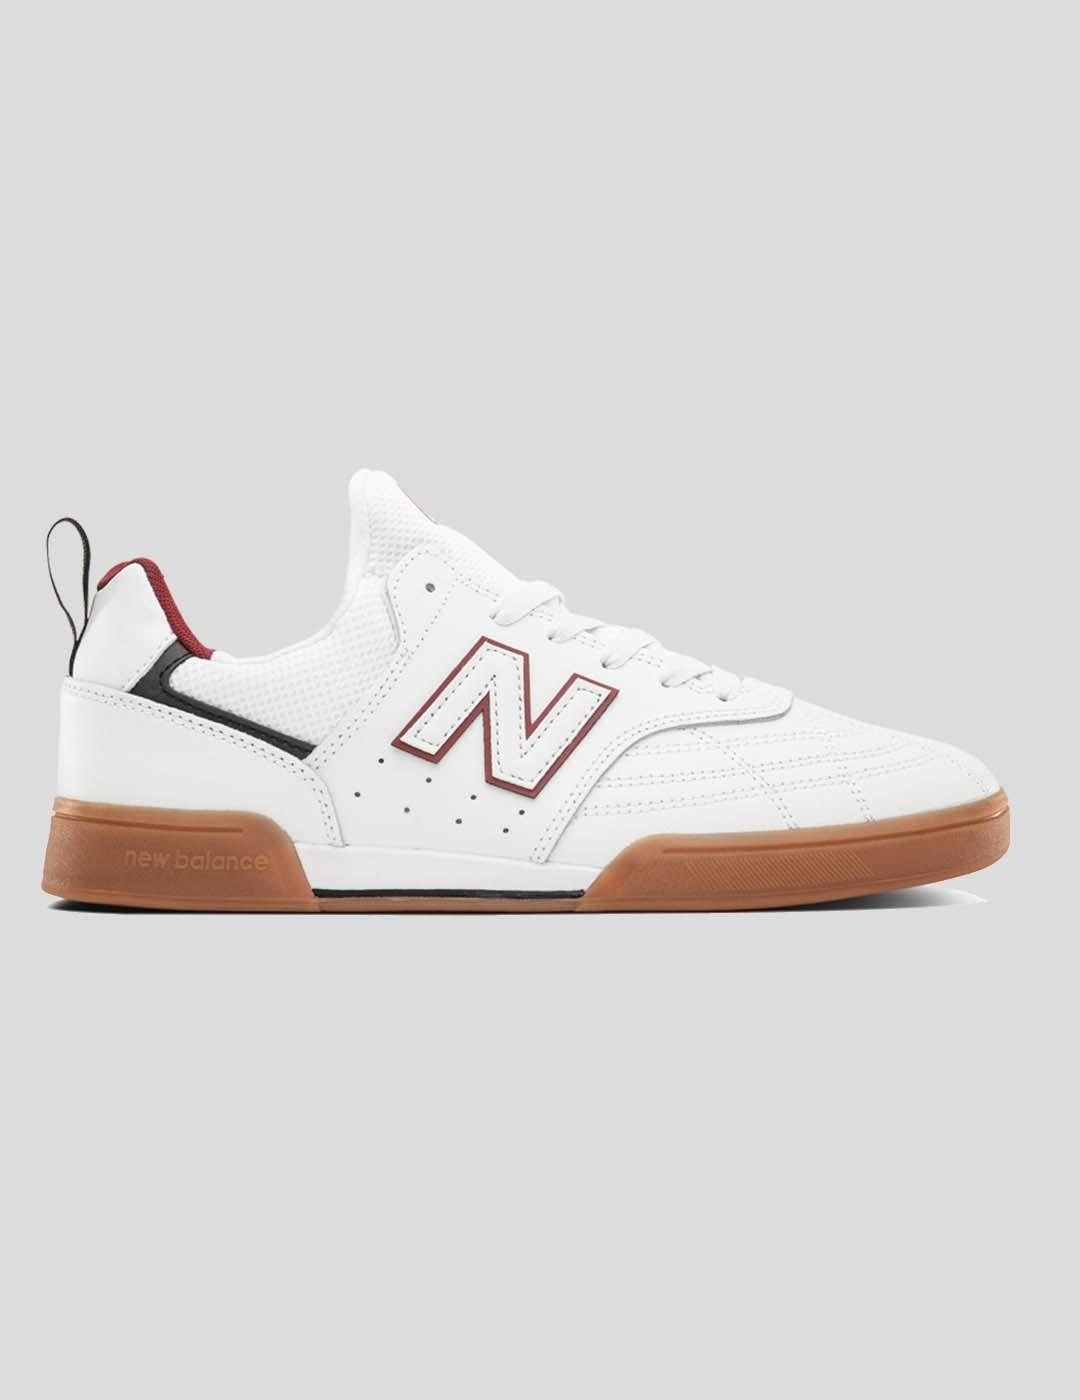 ZAPATILLAS NEW BALANCE NUMERIC 288 SWL WHITE RED